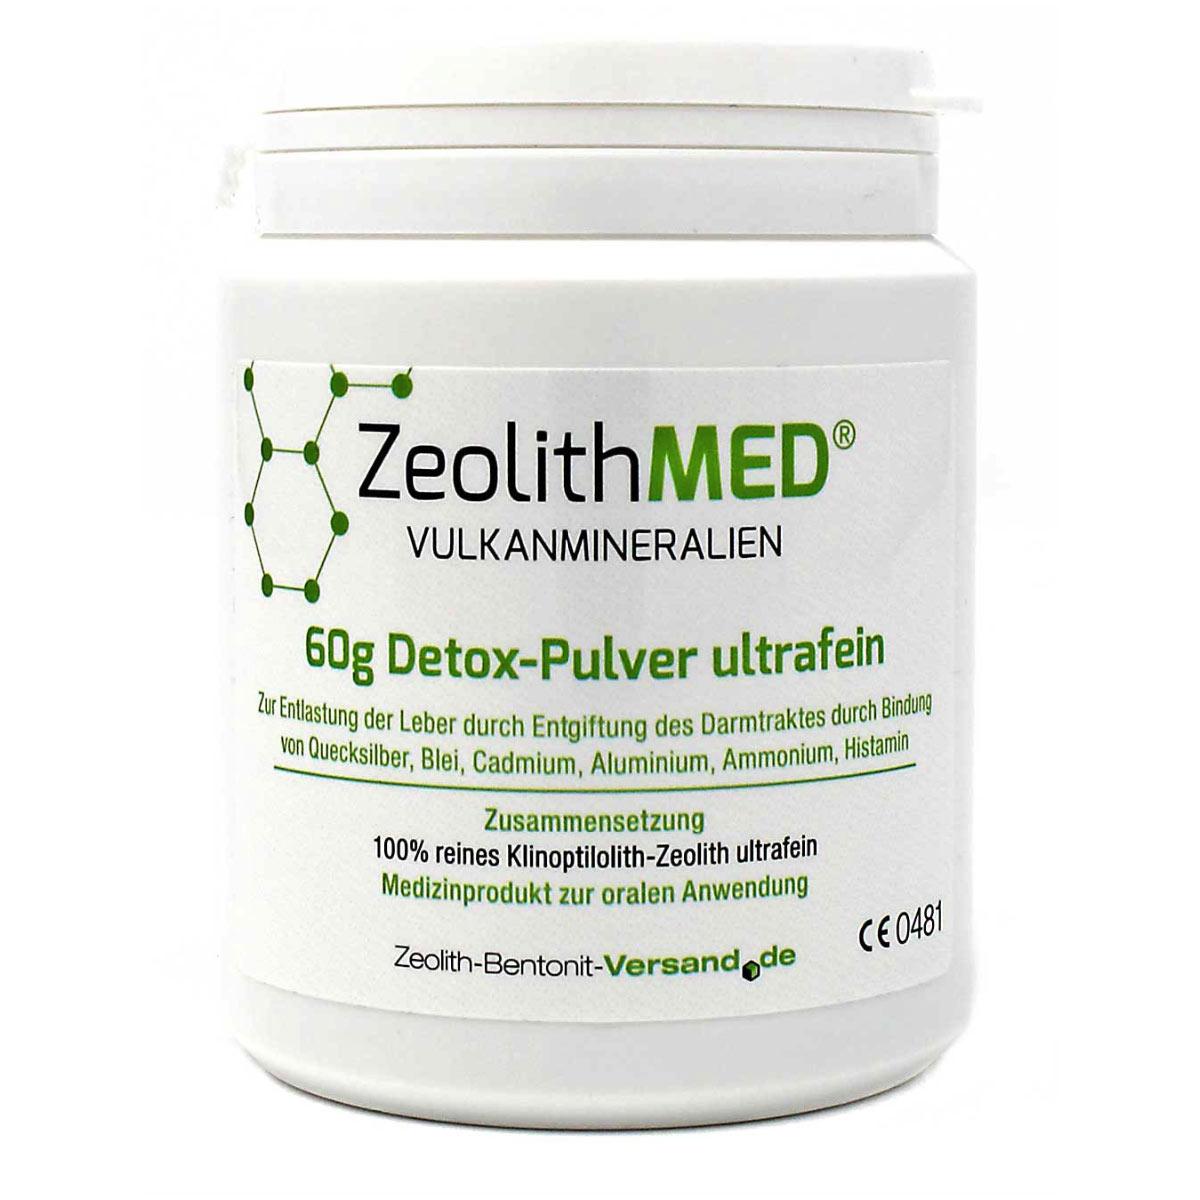 Ζεόλιθος MED® detox εξαιρετικά λεπτή πούδρα έως 10 μικρά